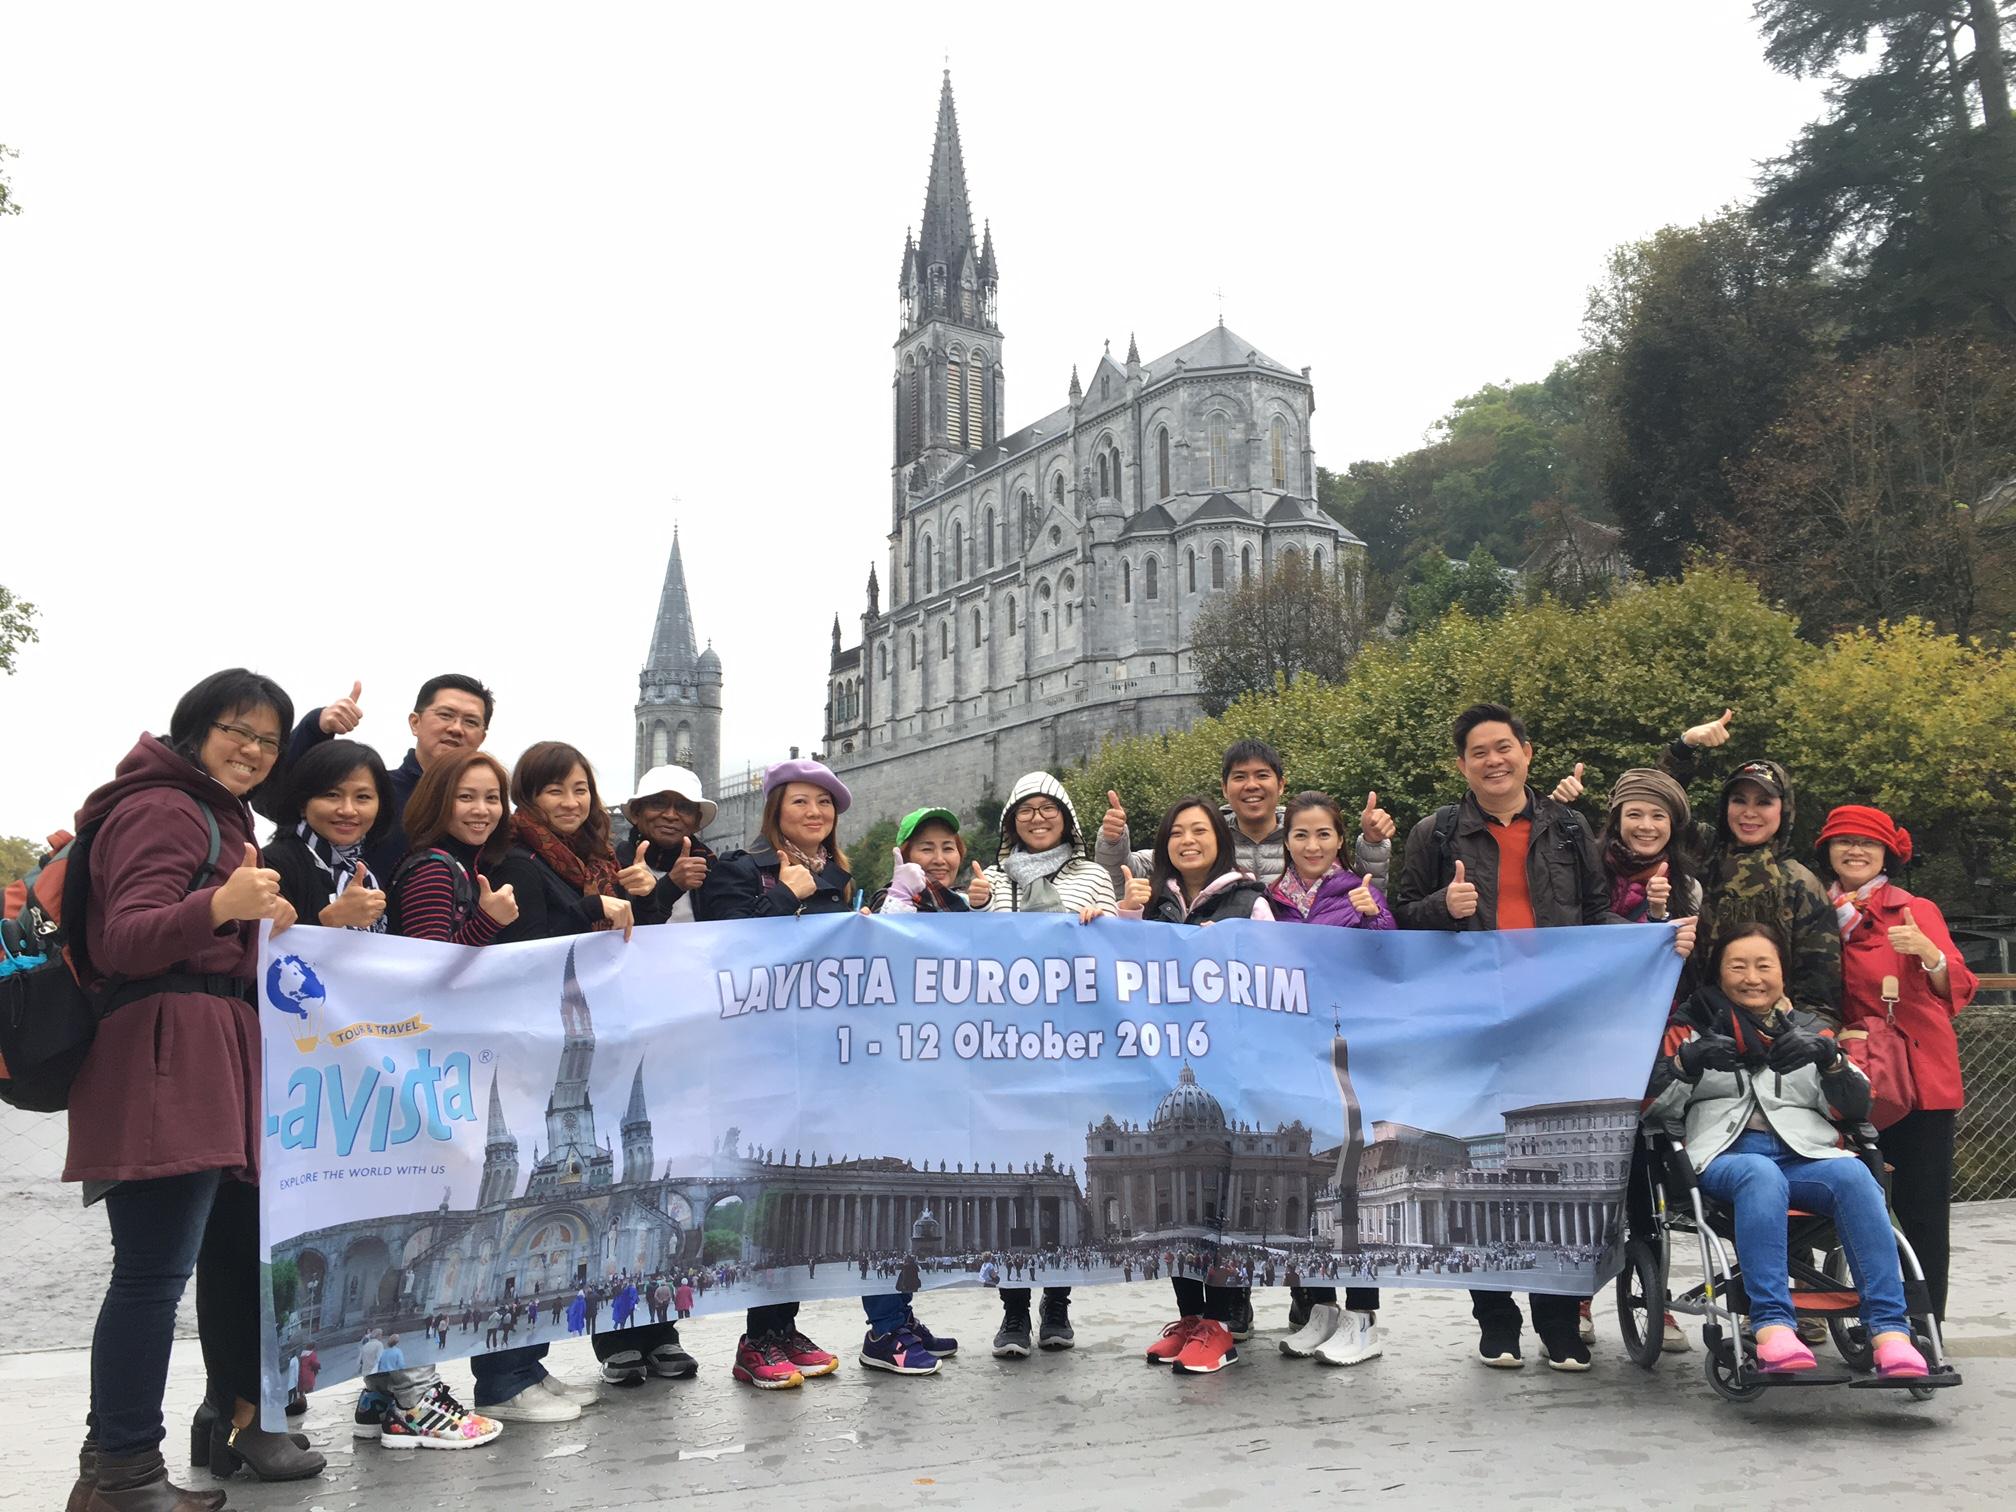 Europe Pilgrim oct 2016